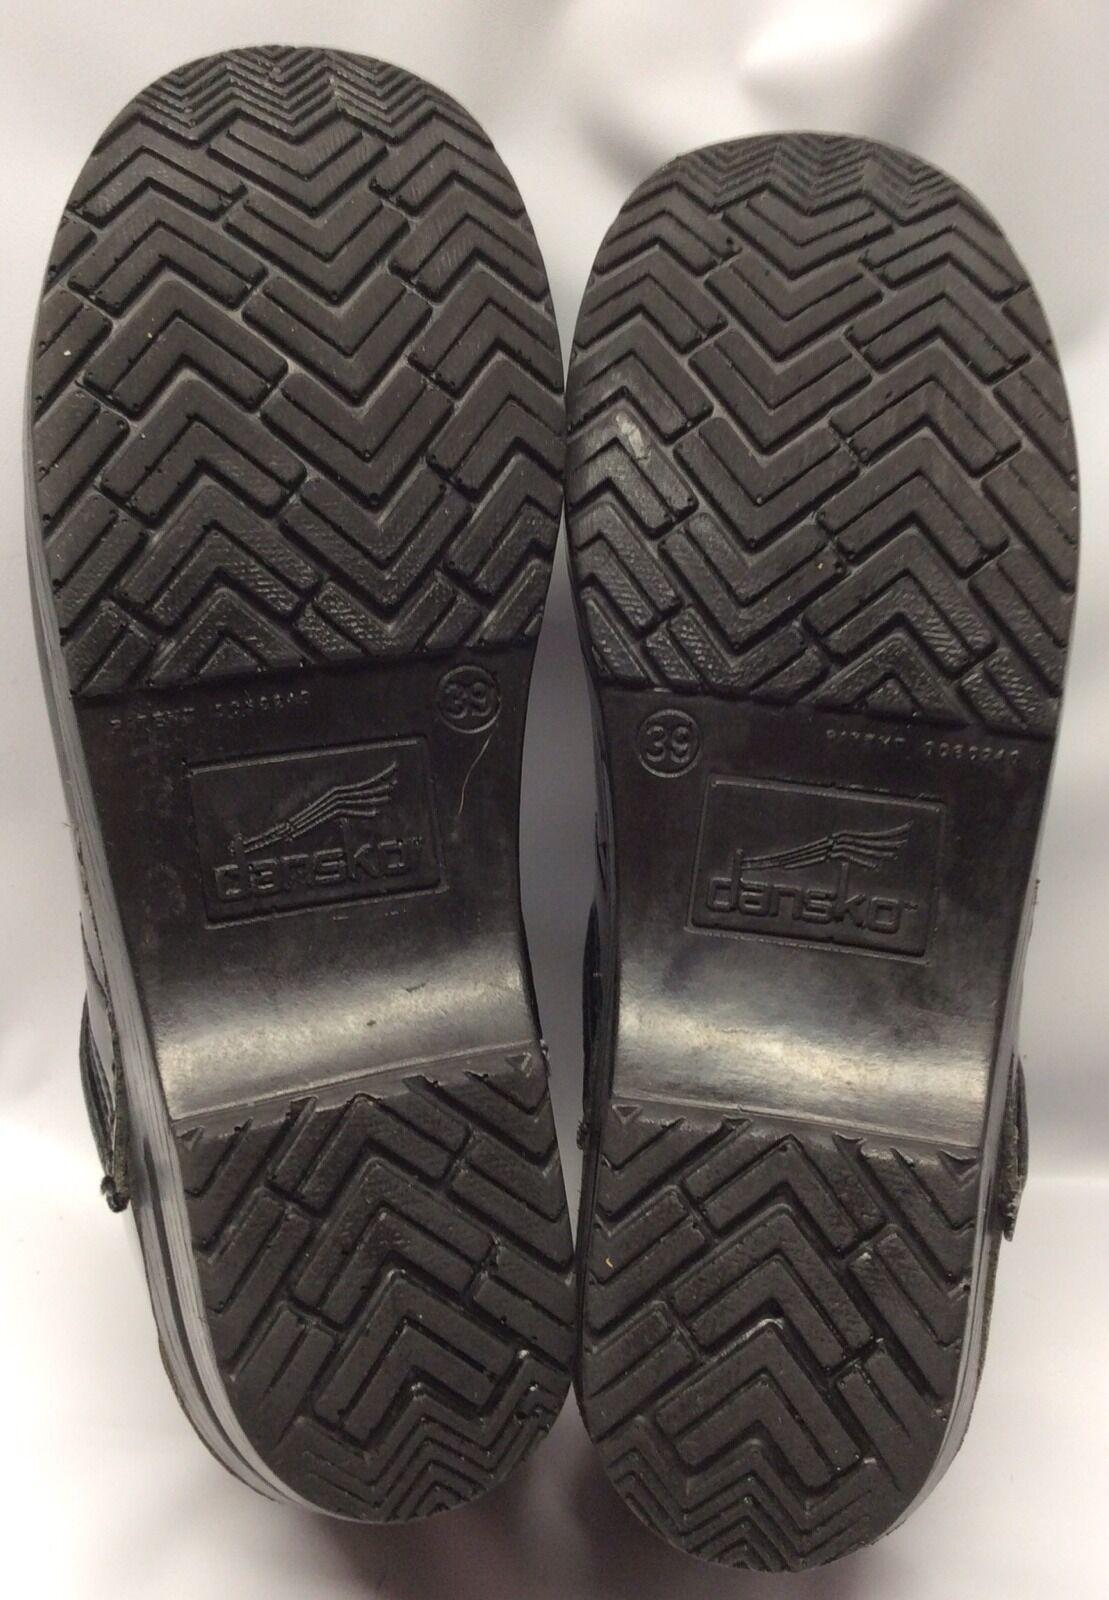 Dansko Professional Professional Professional Clog Patent Leather Größe 39 c444bf